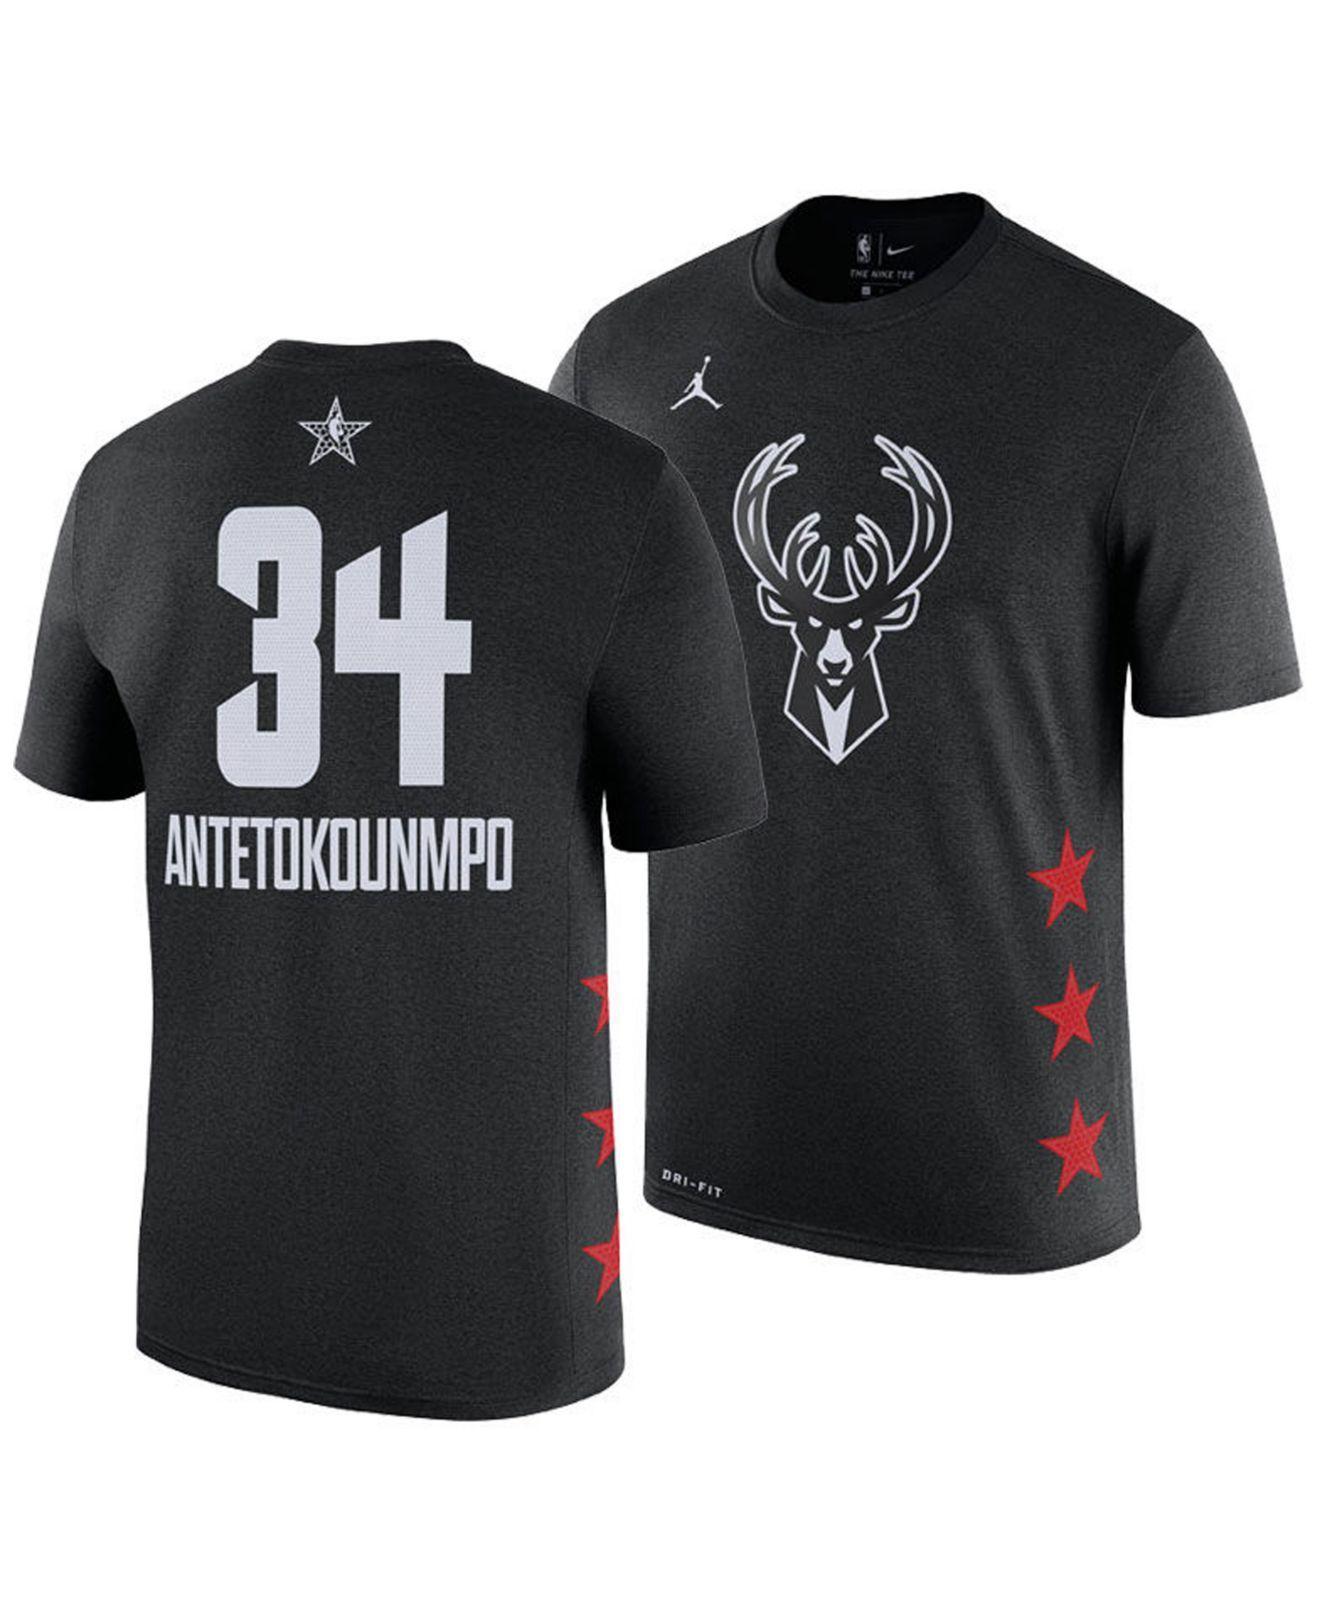 e68497867 Nike - Black Giannis Antetokounmpo Milwaukee Bucks All-star Player T-shirt  for Men. View fullscreen